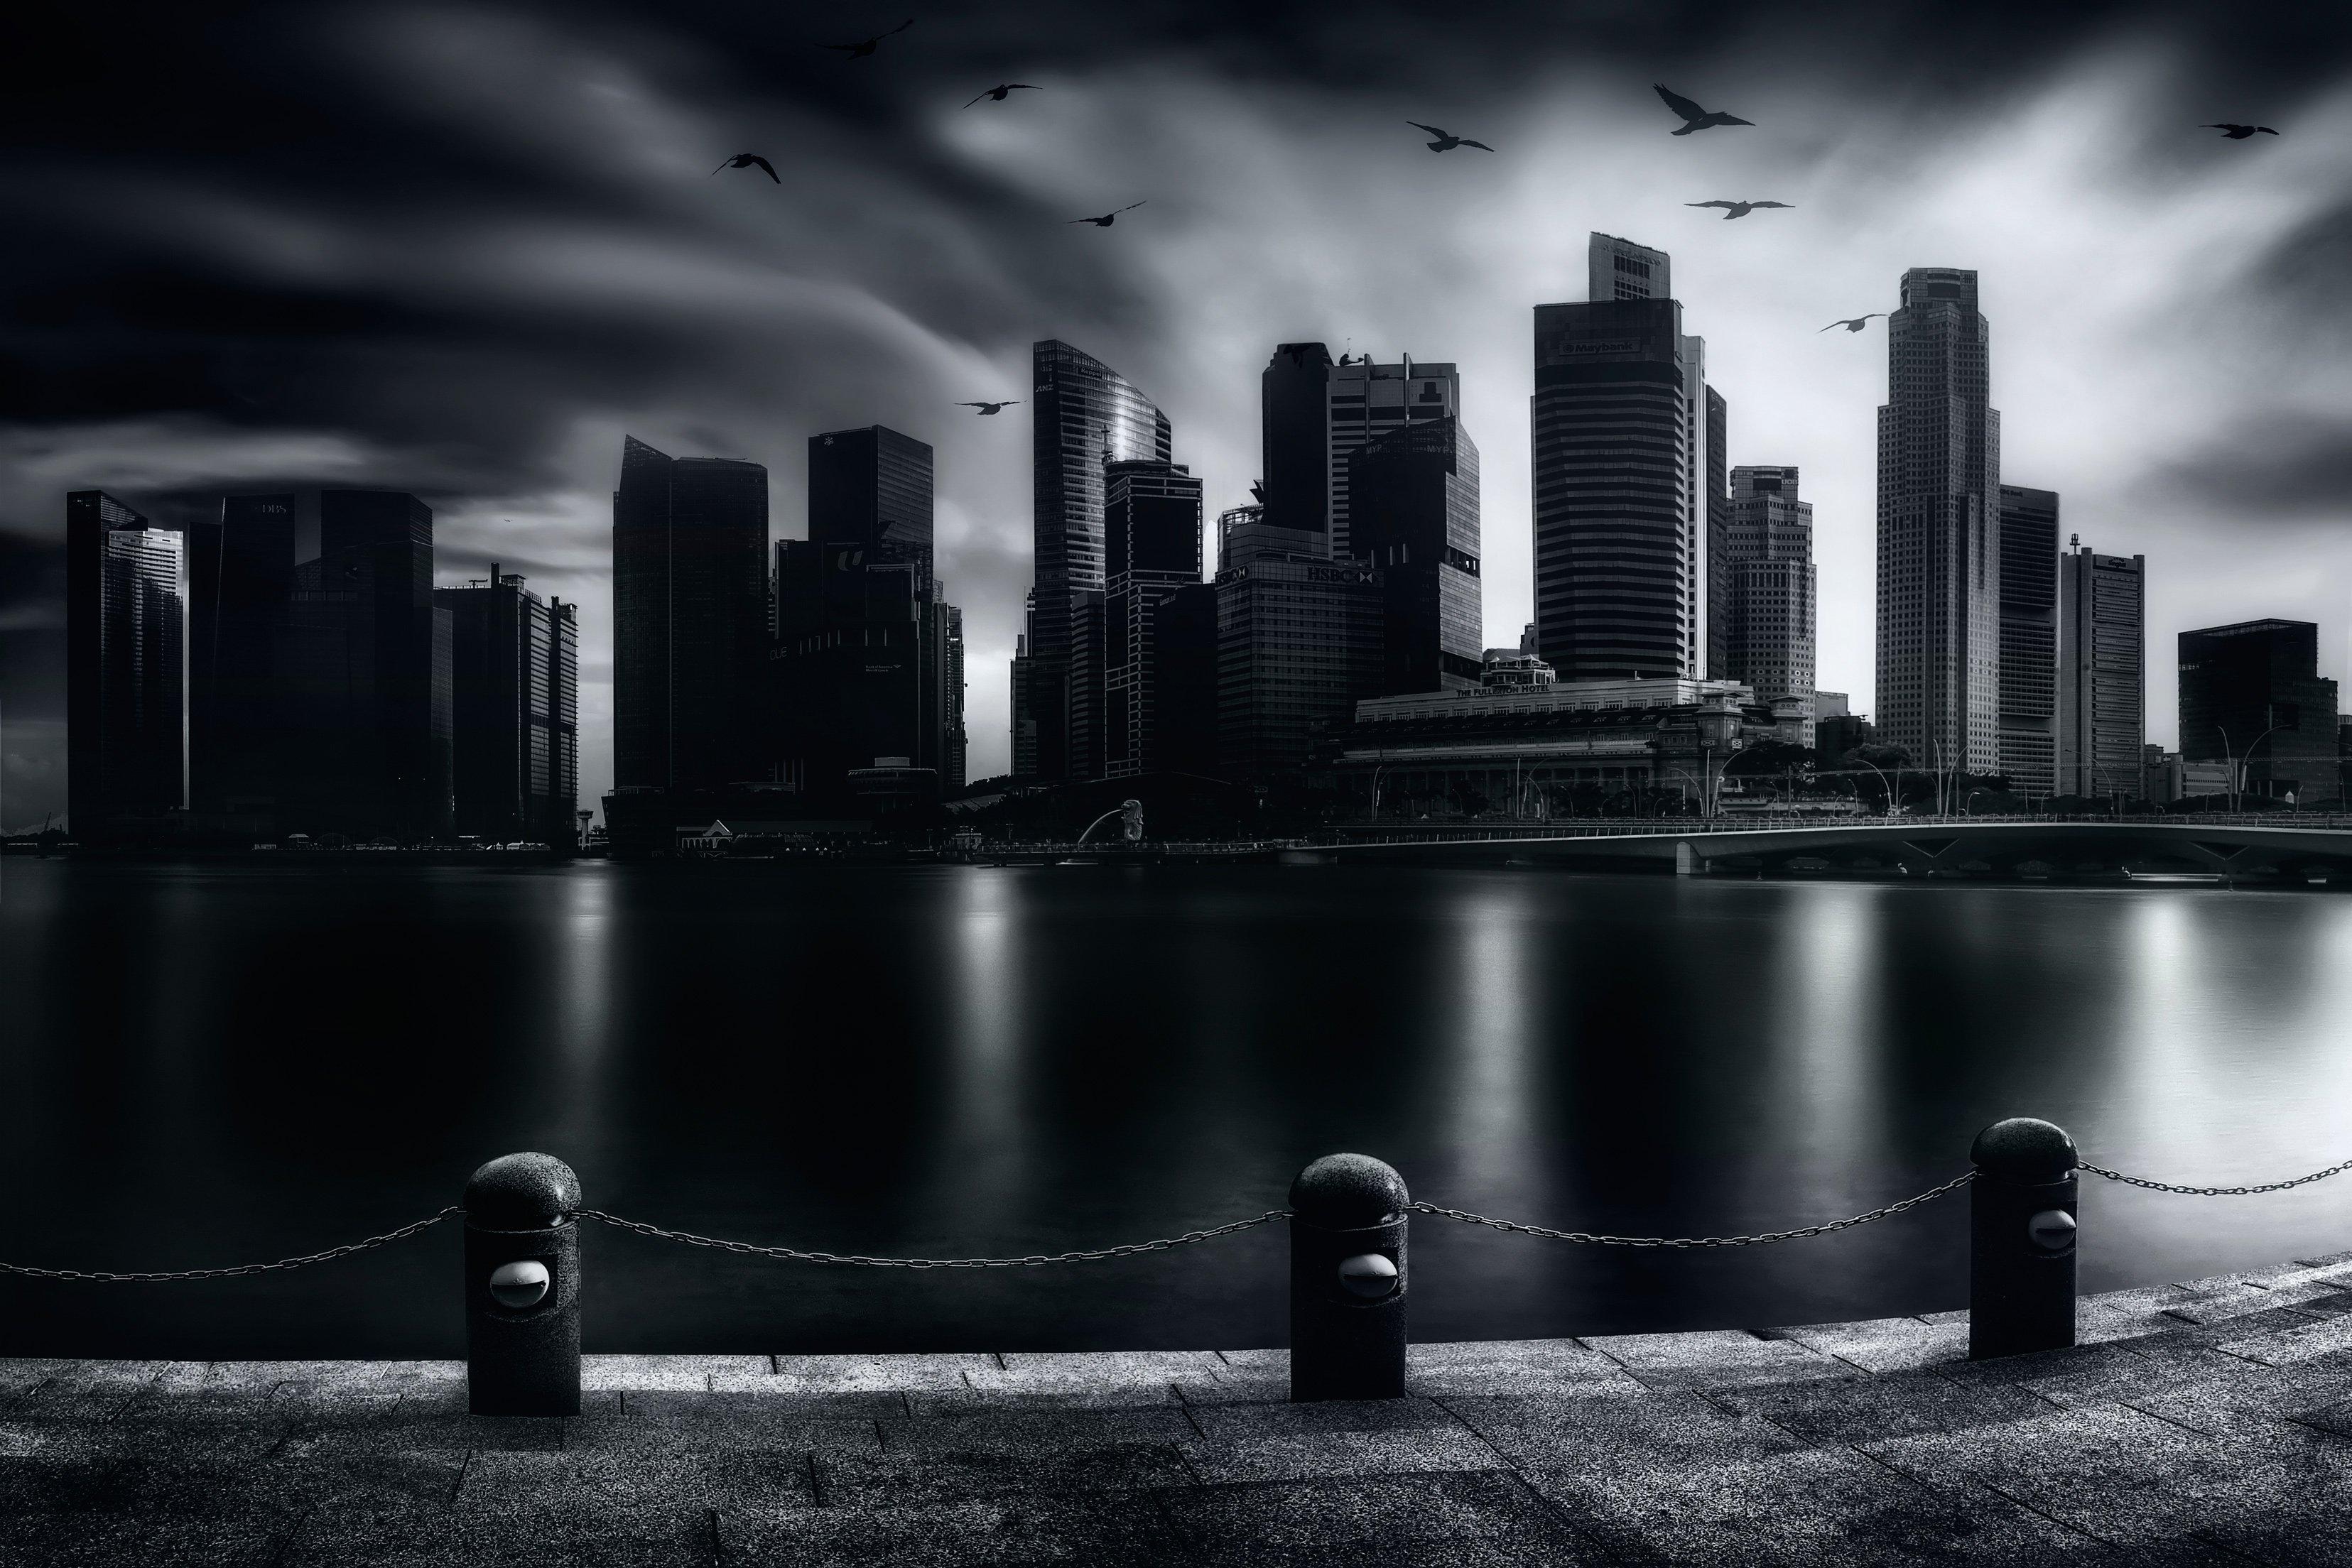 чб, город, городской пейзаж, сингапур, Алексей Ермаков